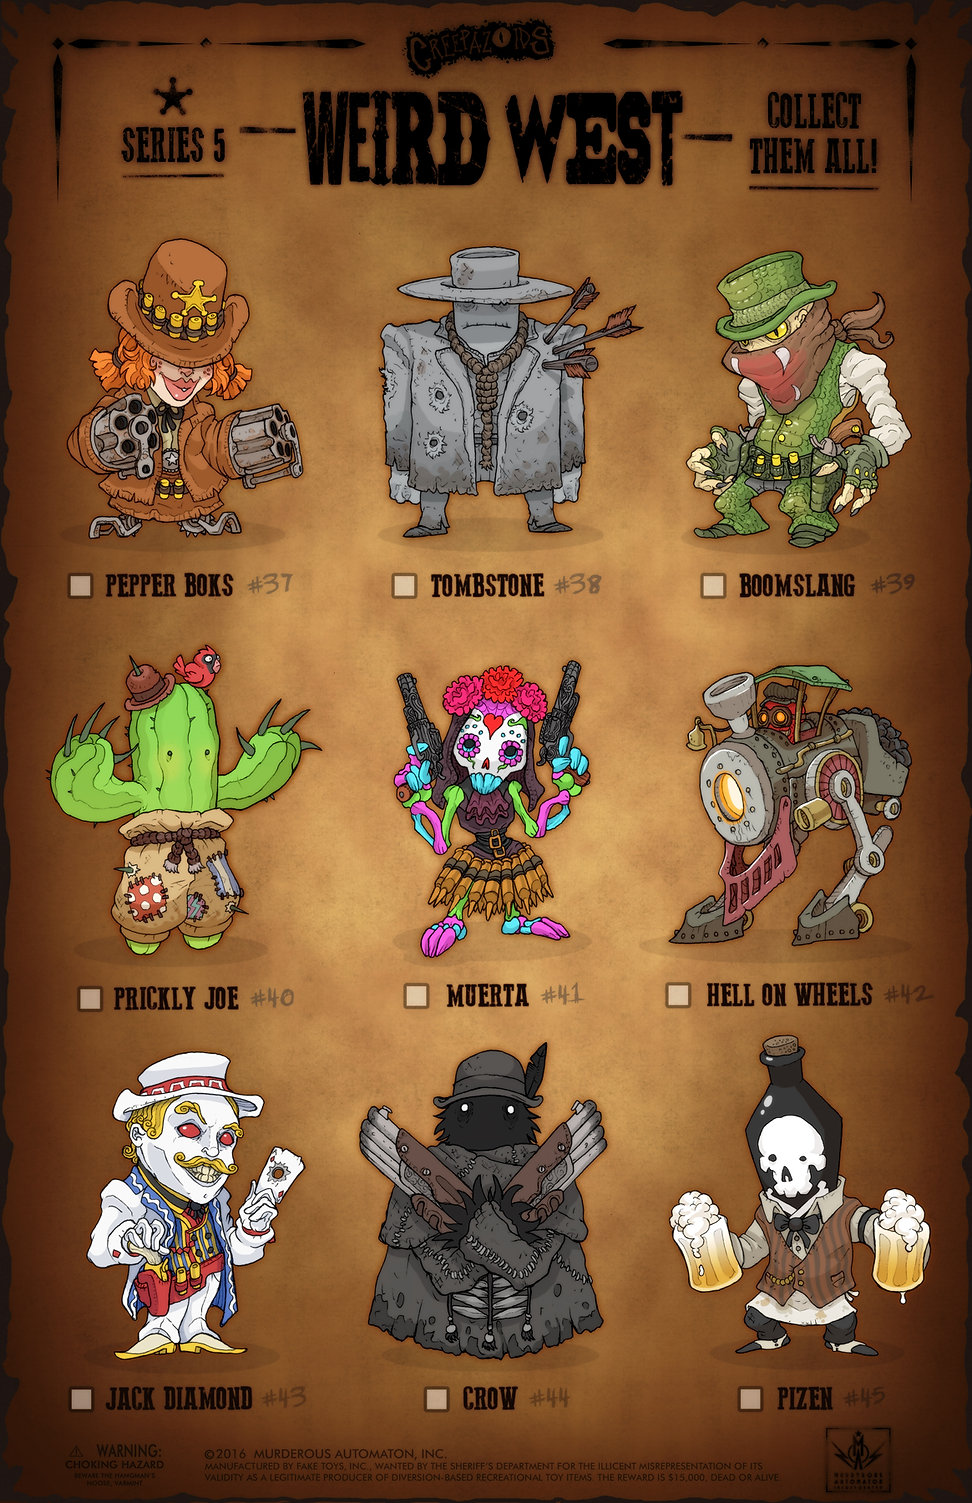 05 Creepazoids--Weird West.jpg